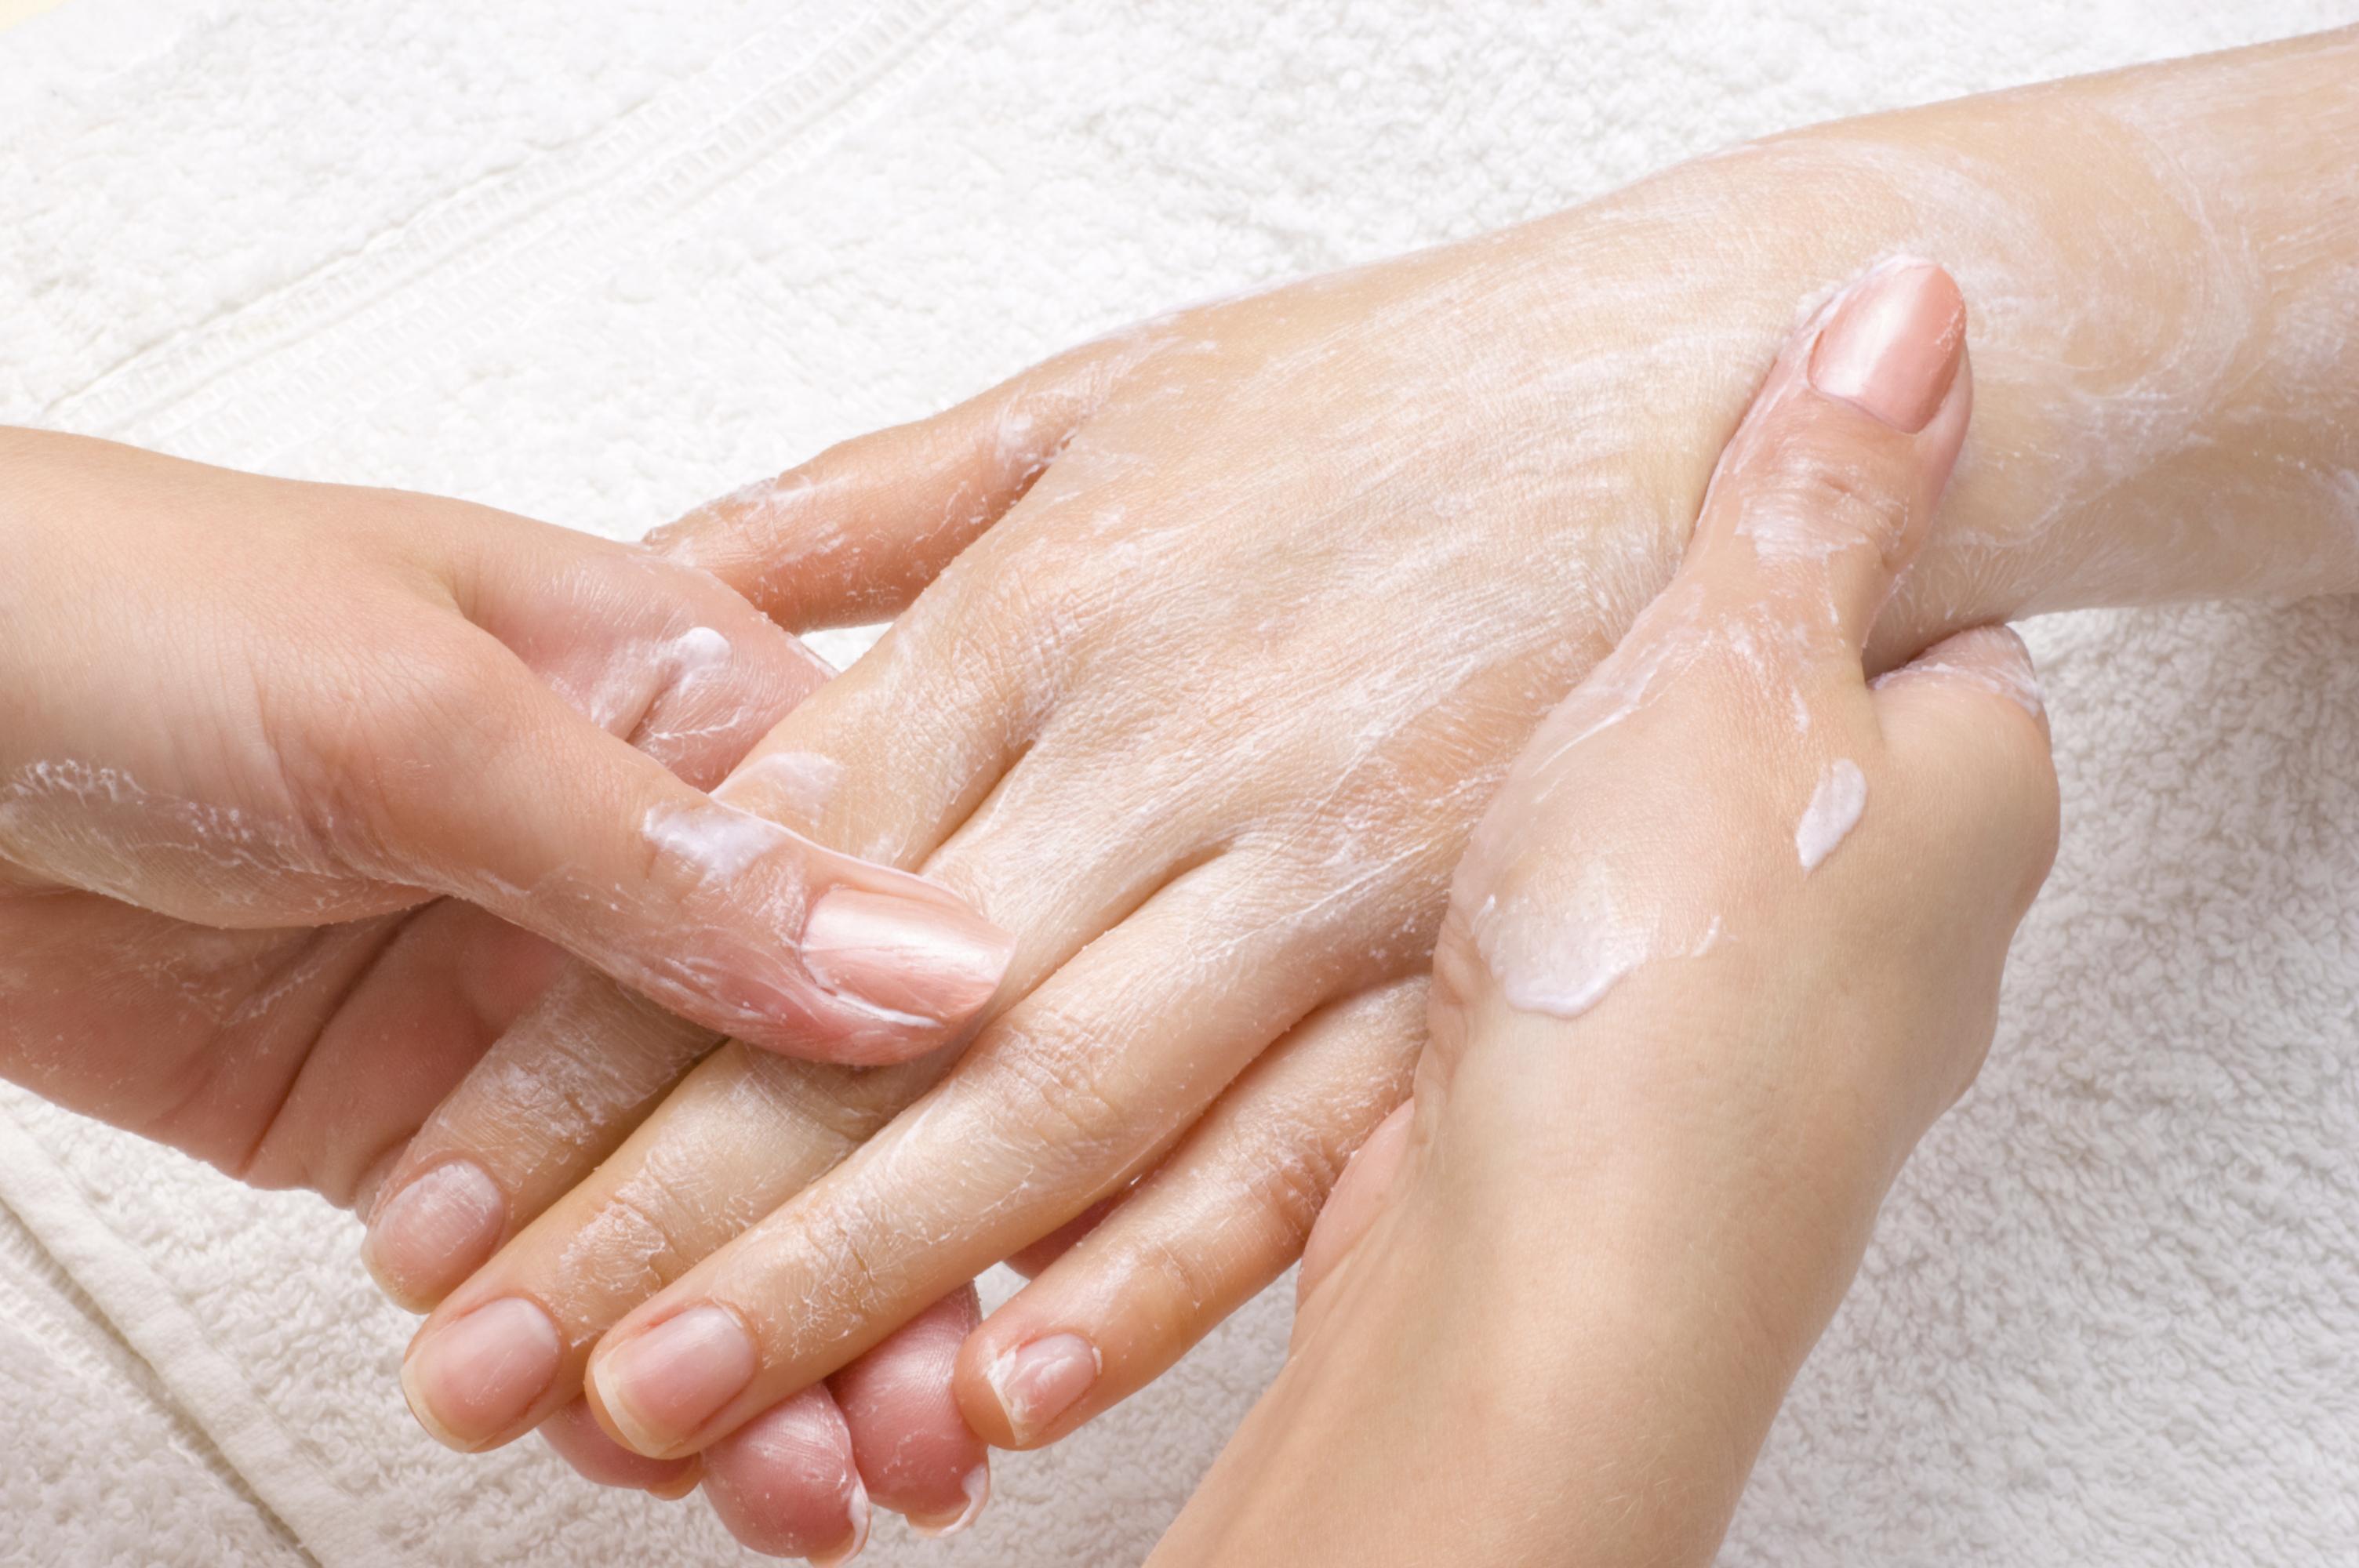 peeling or moisturizing procedure